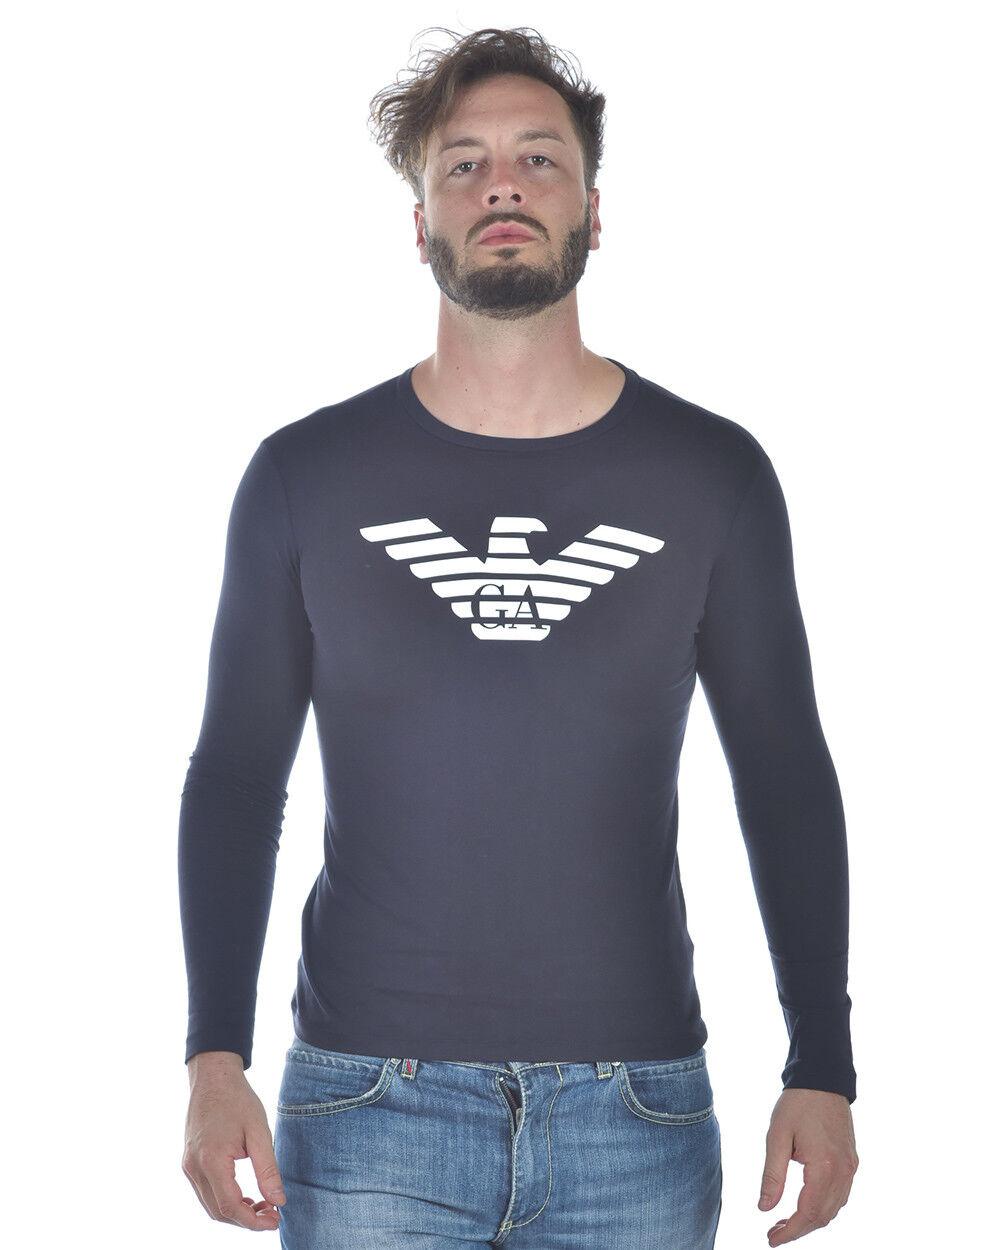 T shirt Maglietta Emporio Armani Sweatshirt Cotone hombres  azul 8N1T641JPZZ 939  seguro de calidad